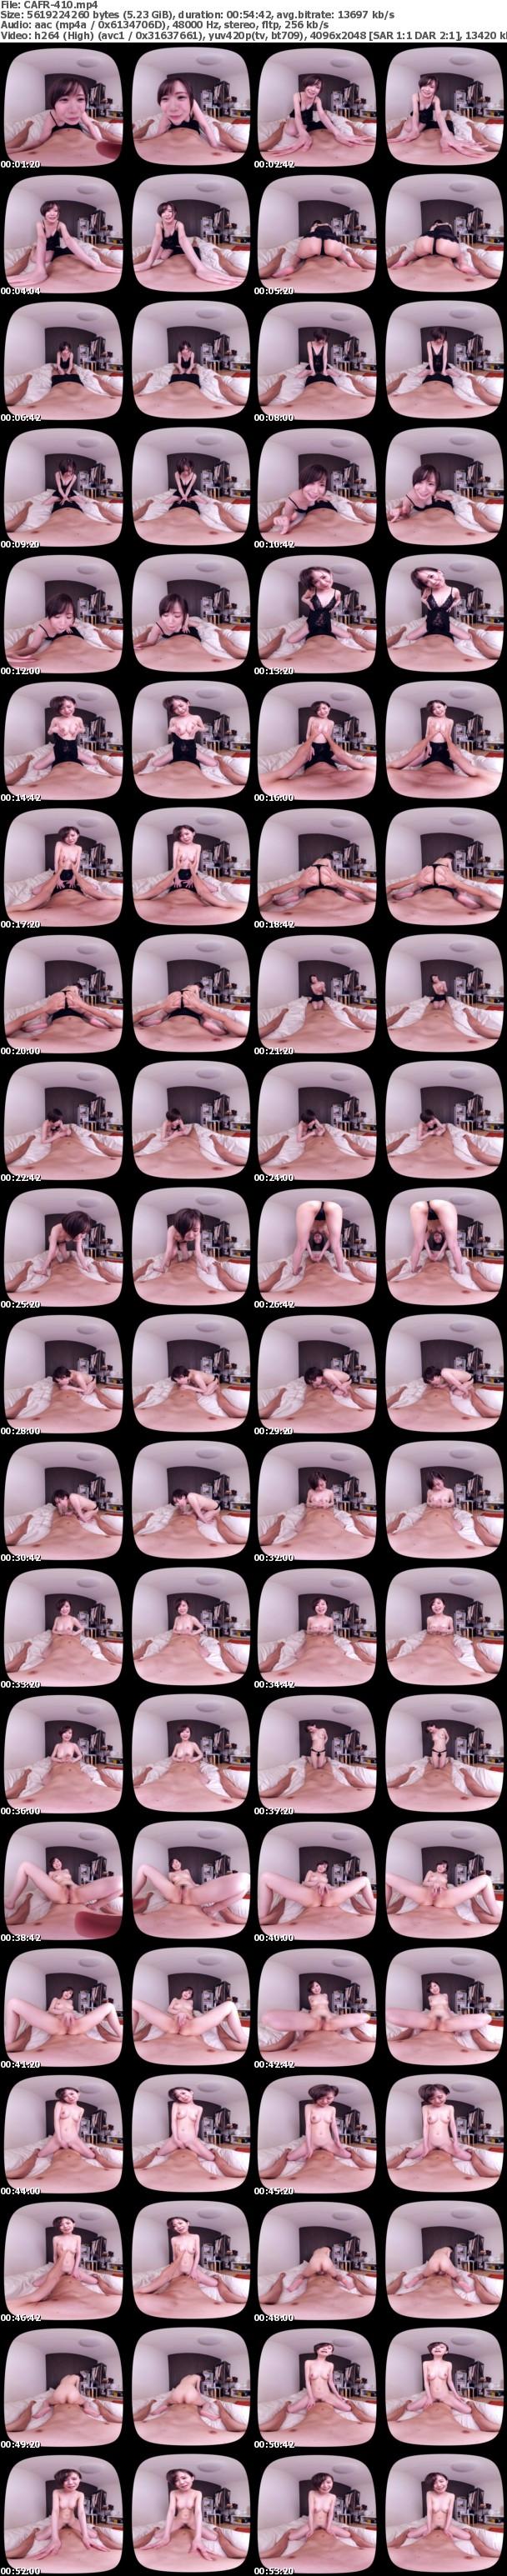 (VR) CAFR-410 超Sランク嬢の出張変態ヘルス~ショートカットの超美乳美肌性豪~ののか